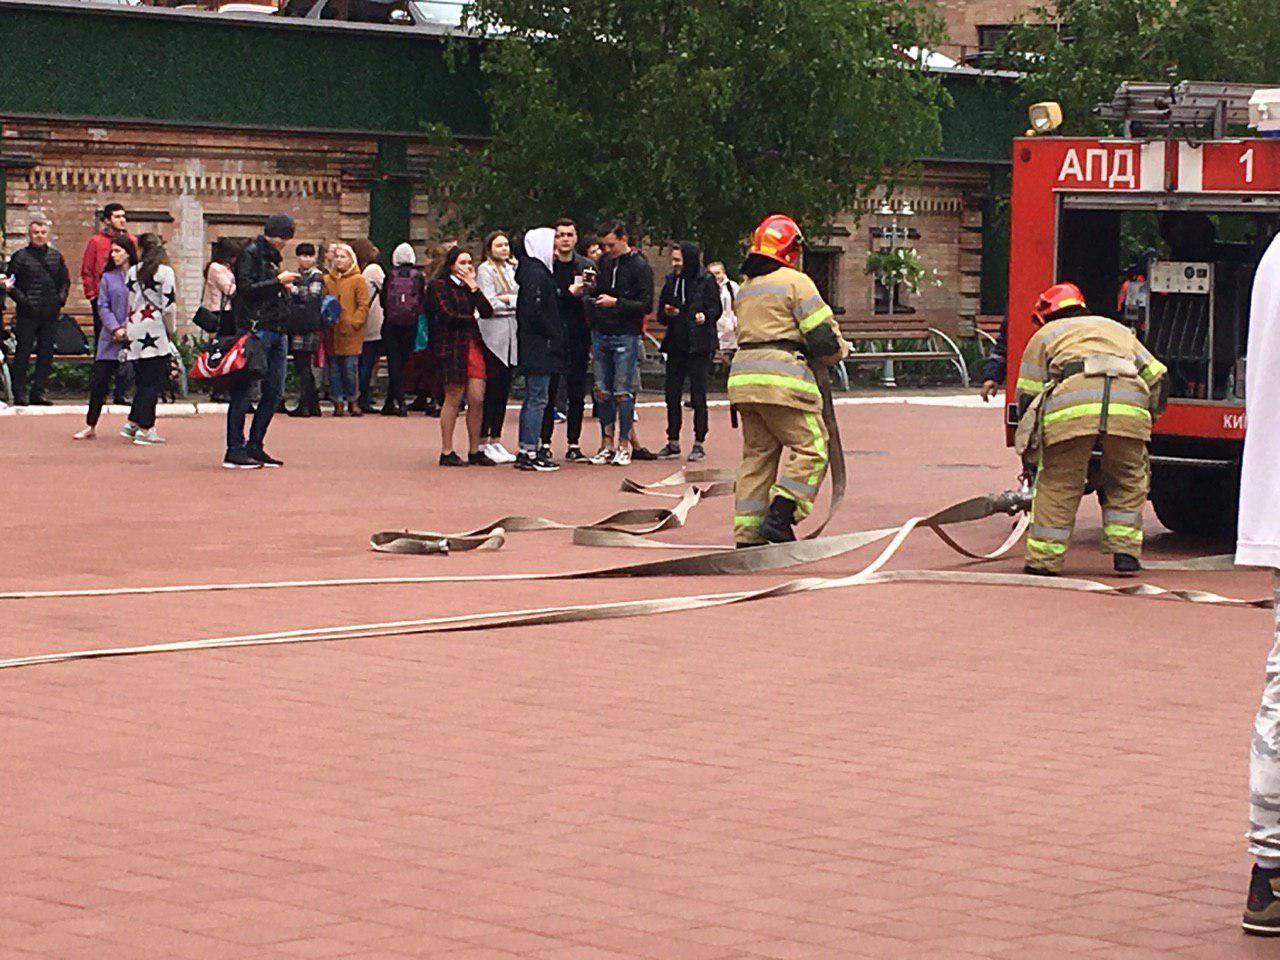 В среду, 8 мая, в Киеве по адресу улица Евгения Коновальца, 36 произошел пожар